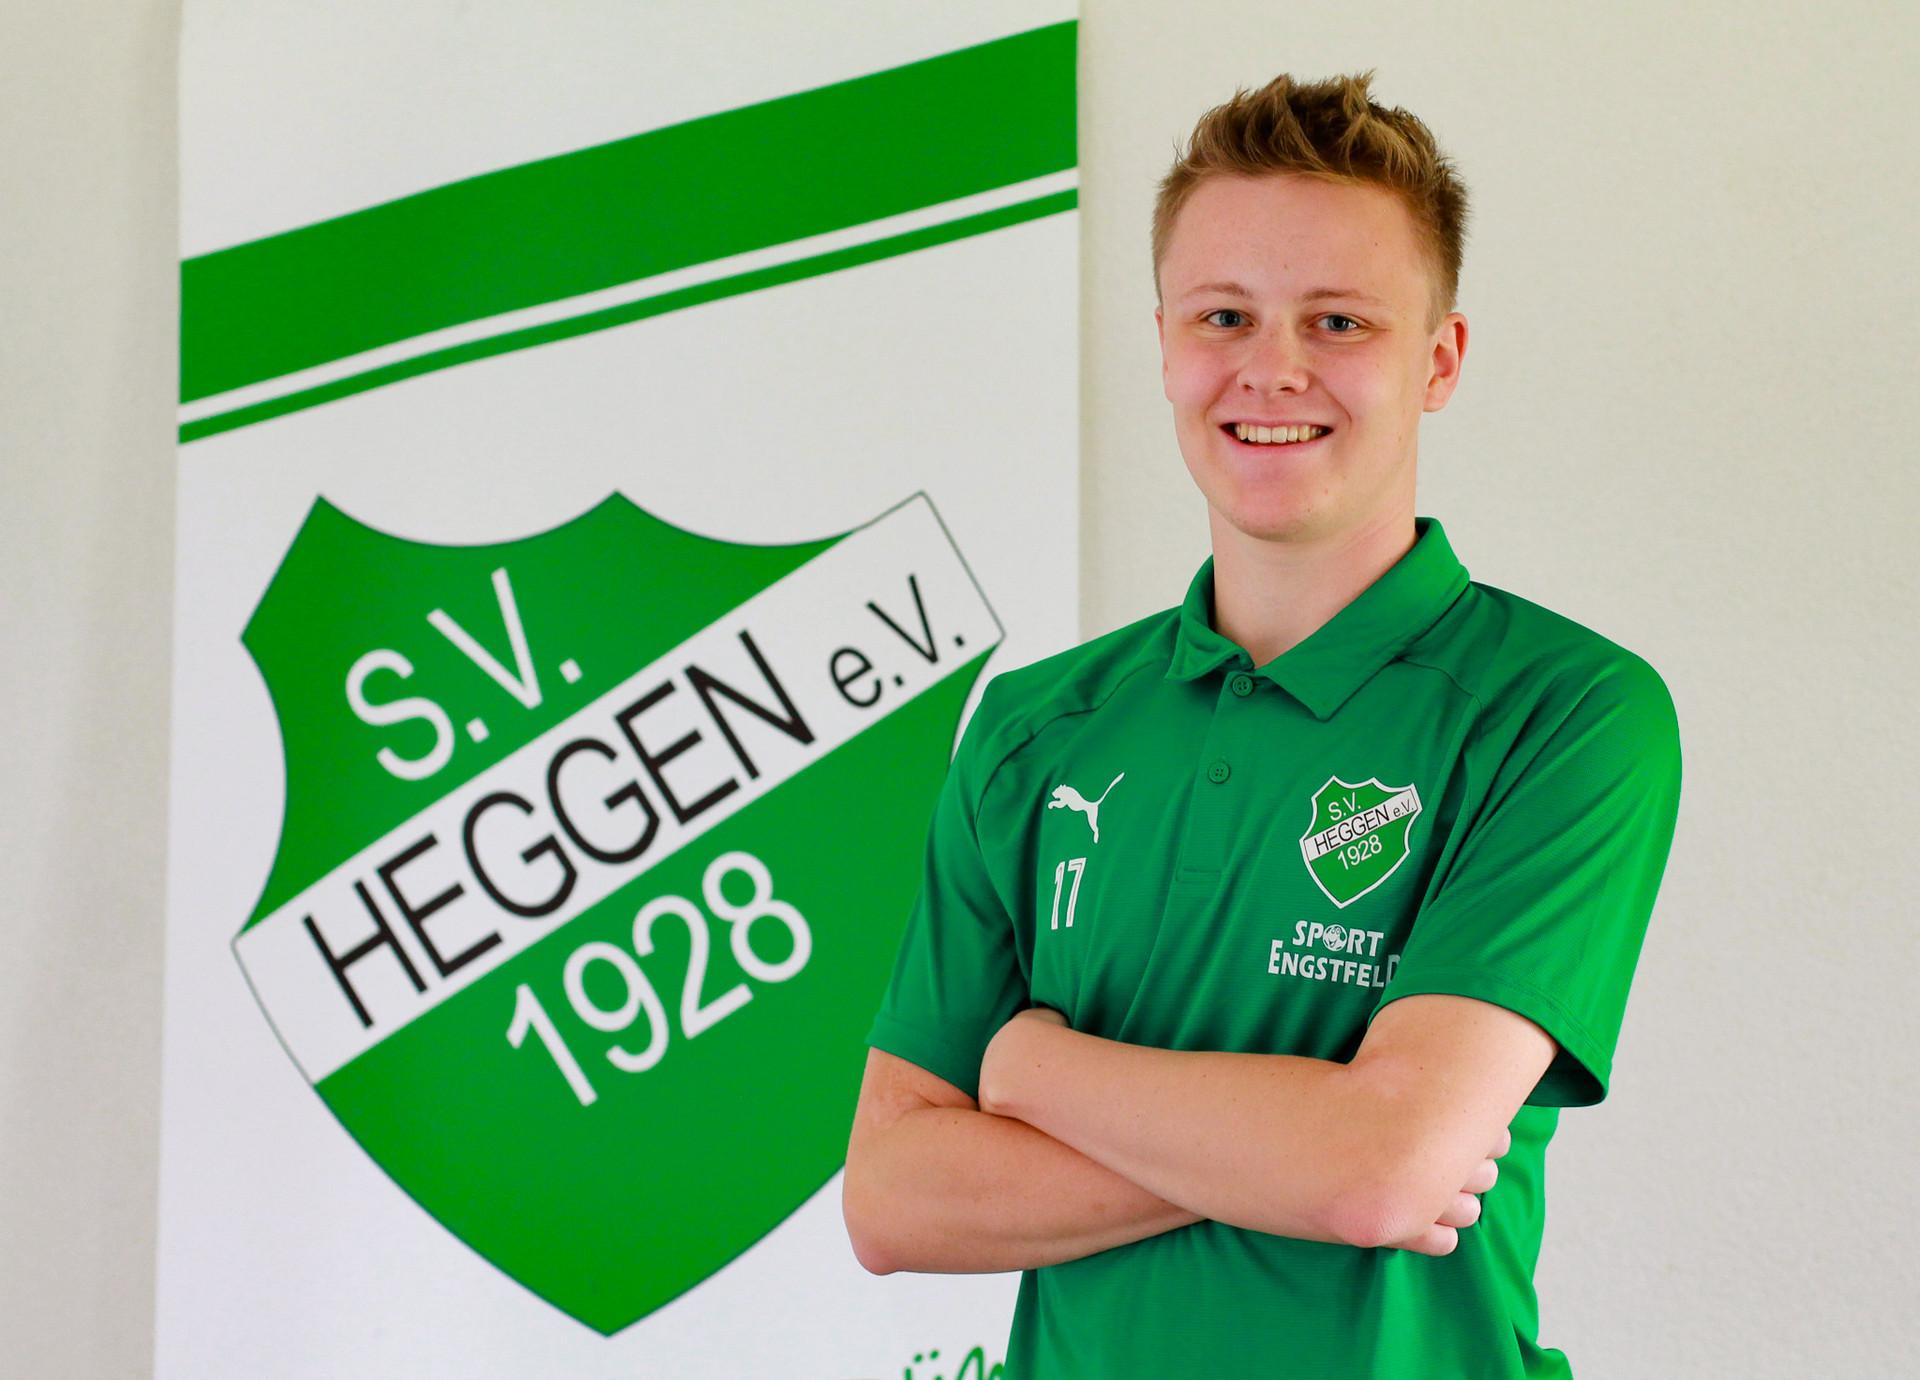 Niels Schmidt